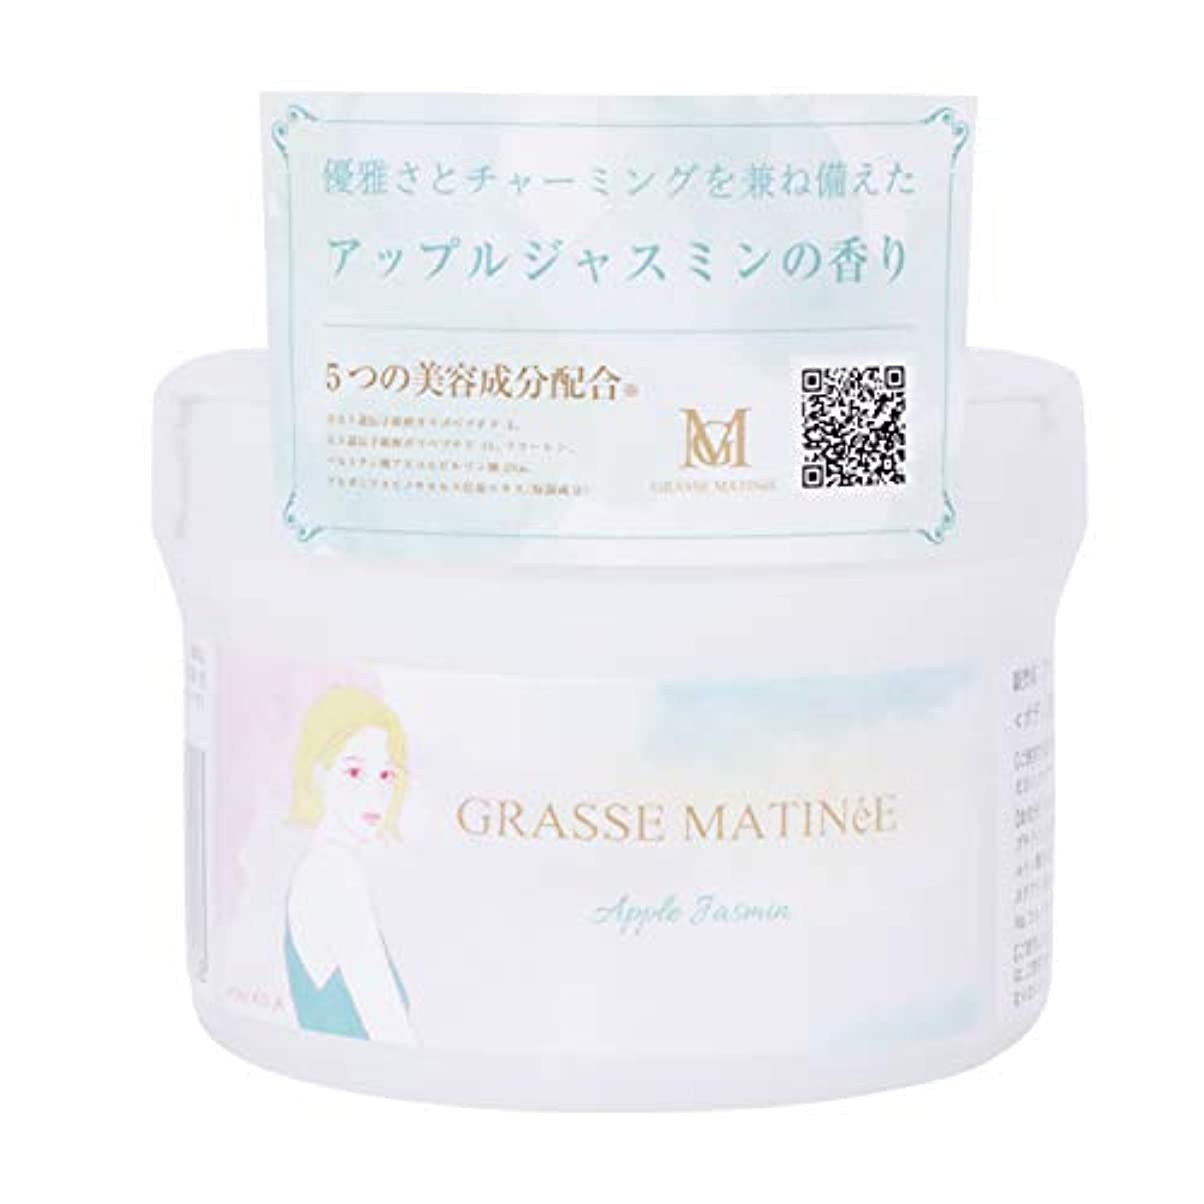 食べる申請中変えるグラスマティネ フレグランス ボディスクラブ アップルジャスミンの香り シュガータイプ